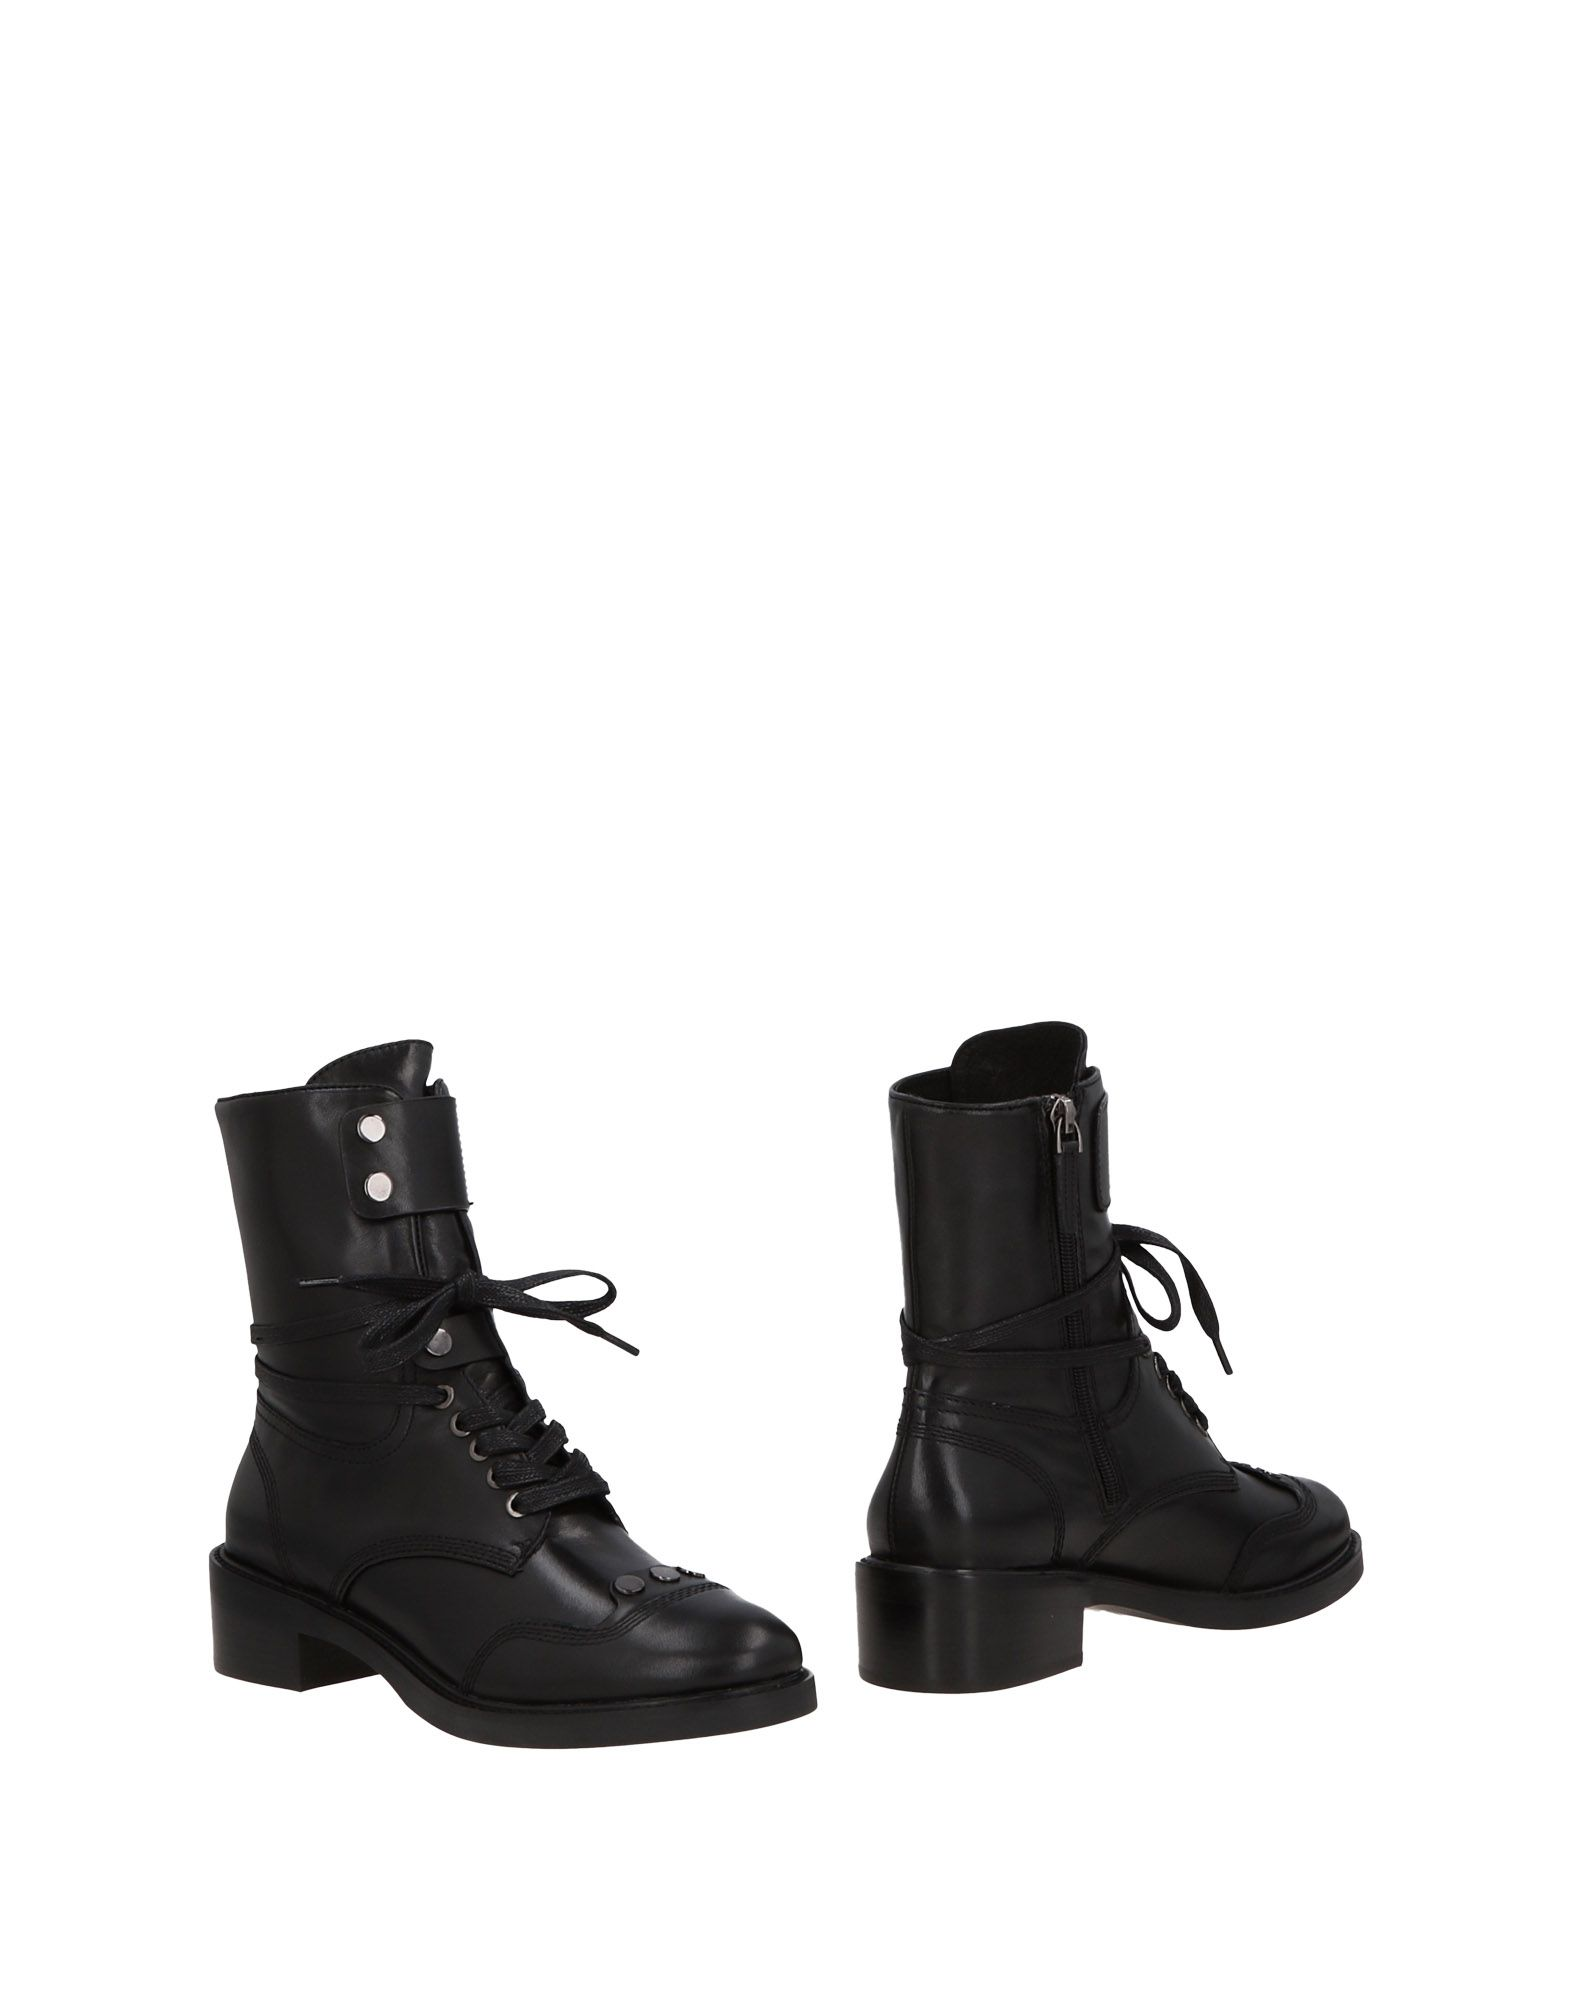 Lola Cruz Stiefelette Damen  11479282BRGut aussehende strapazierfähige Schuhe